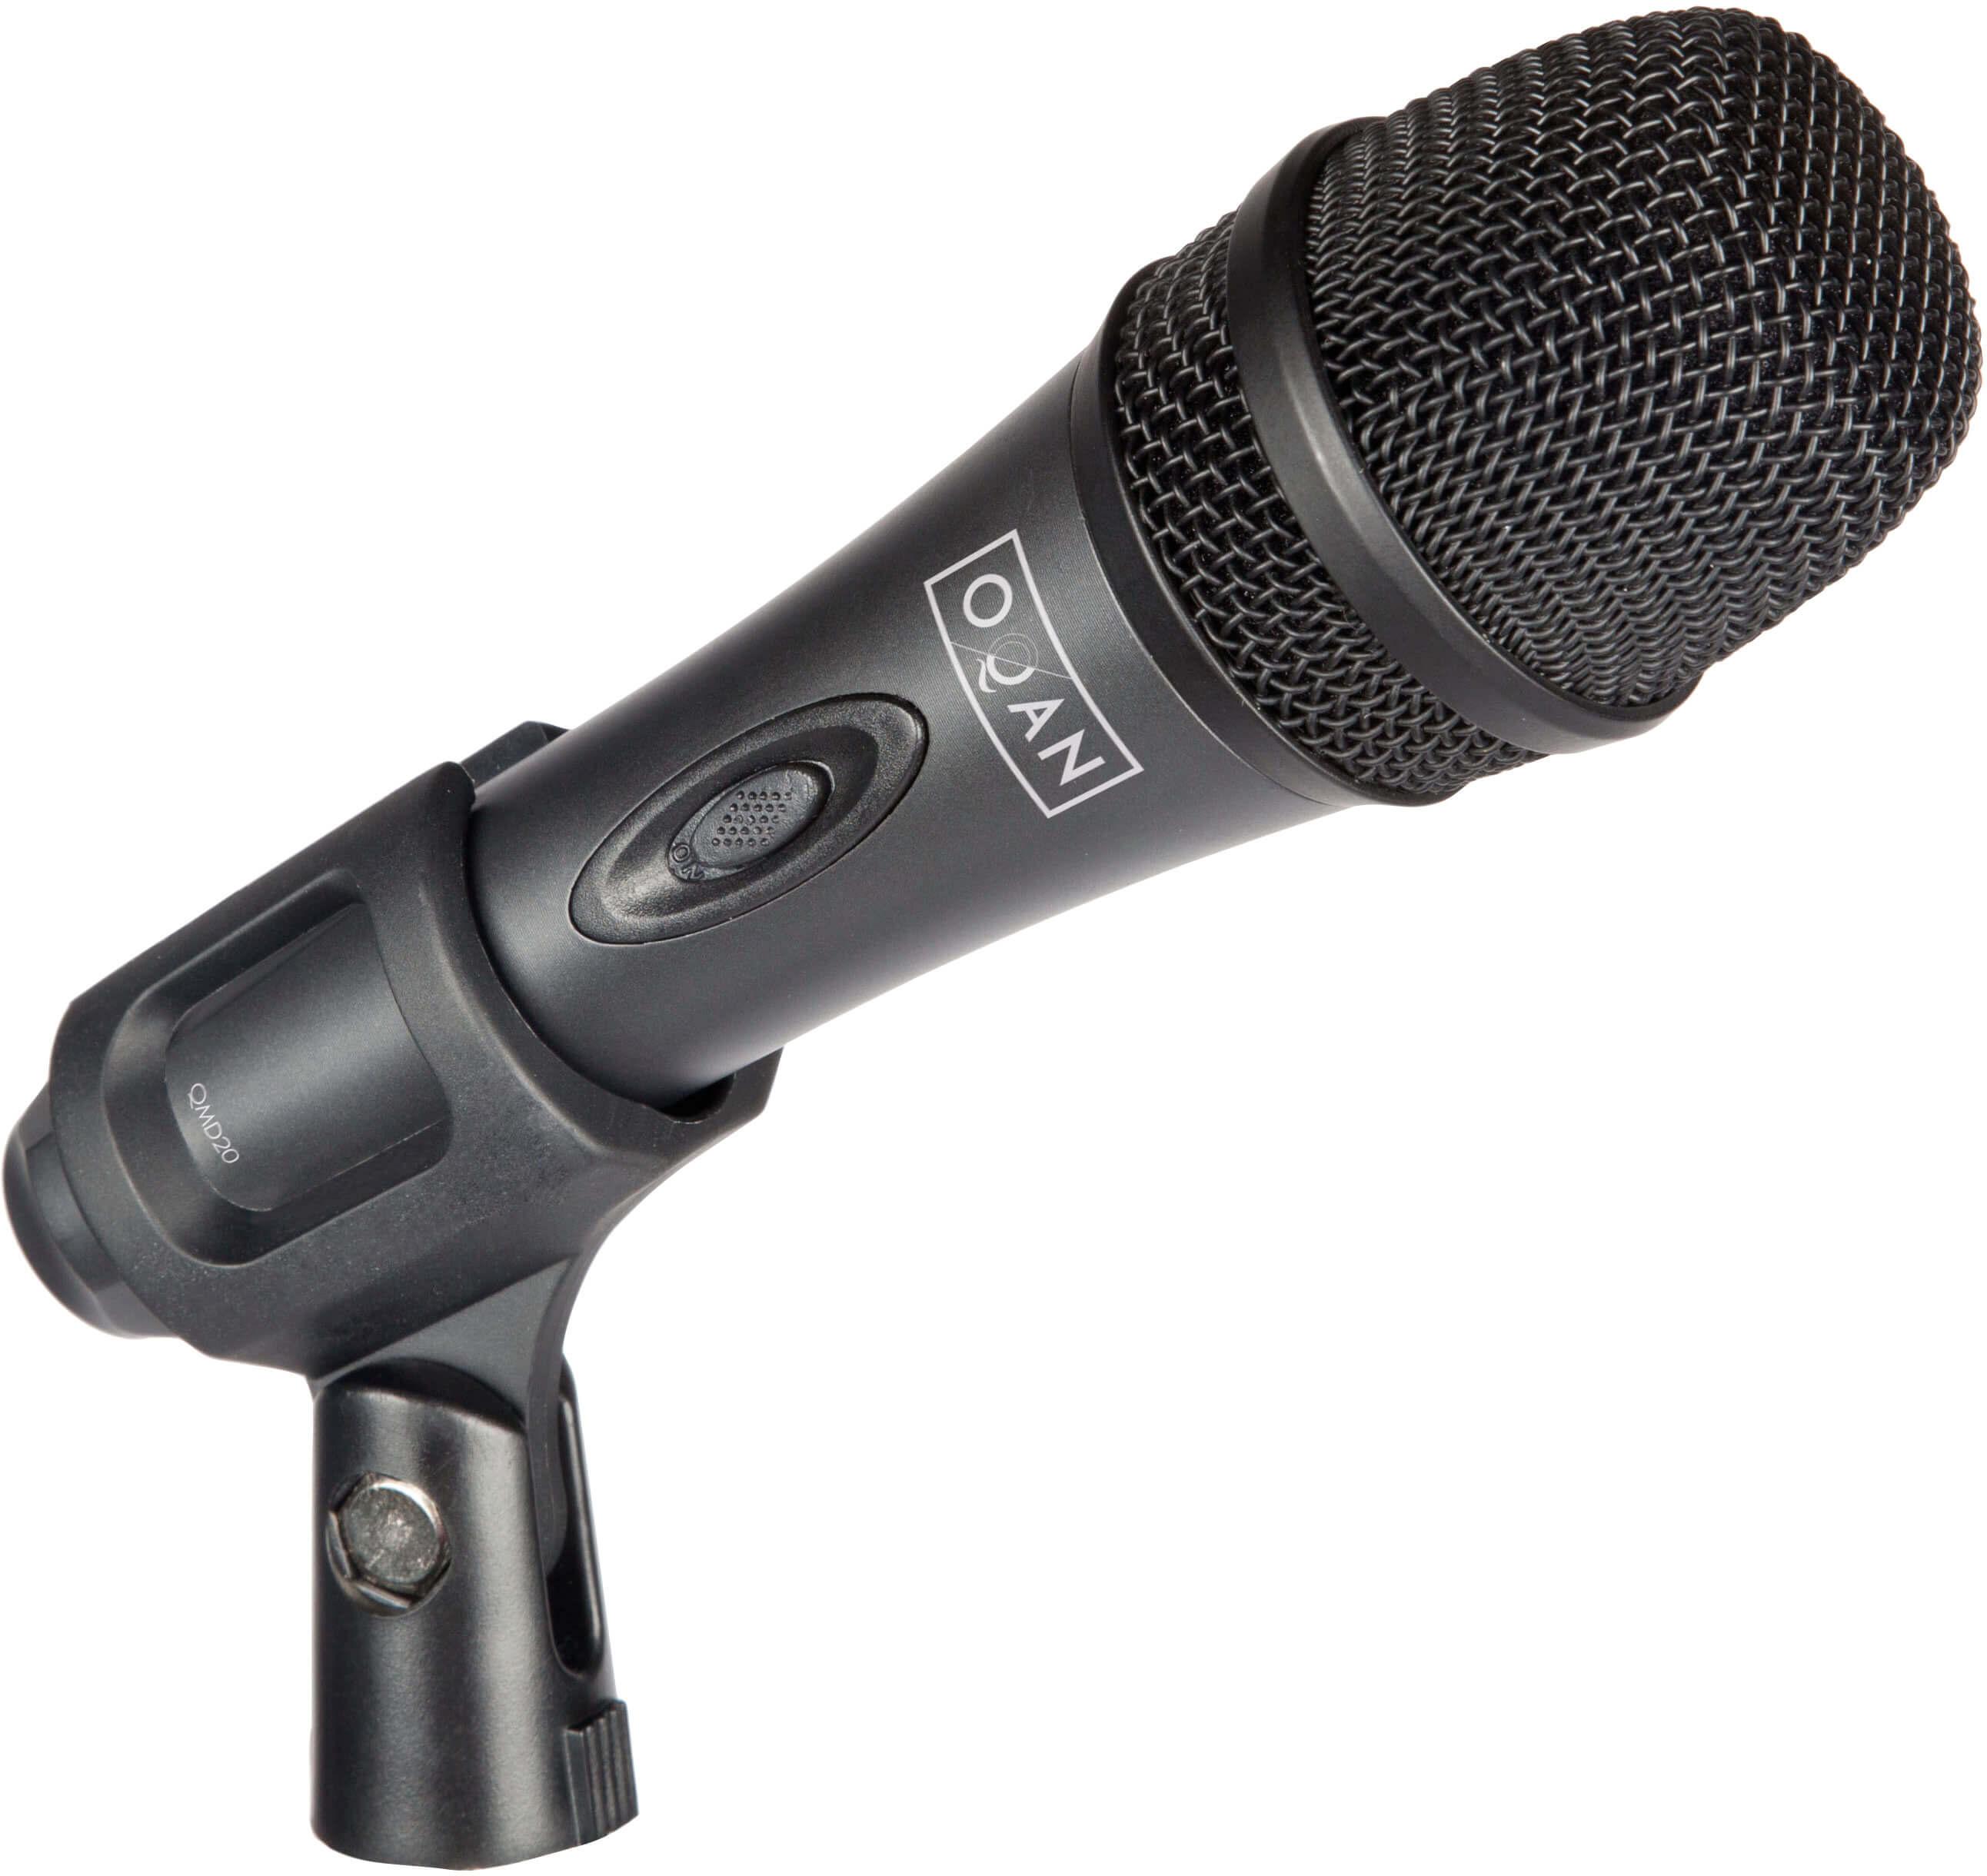 Micrófono Oqan Qmd20 Voiz